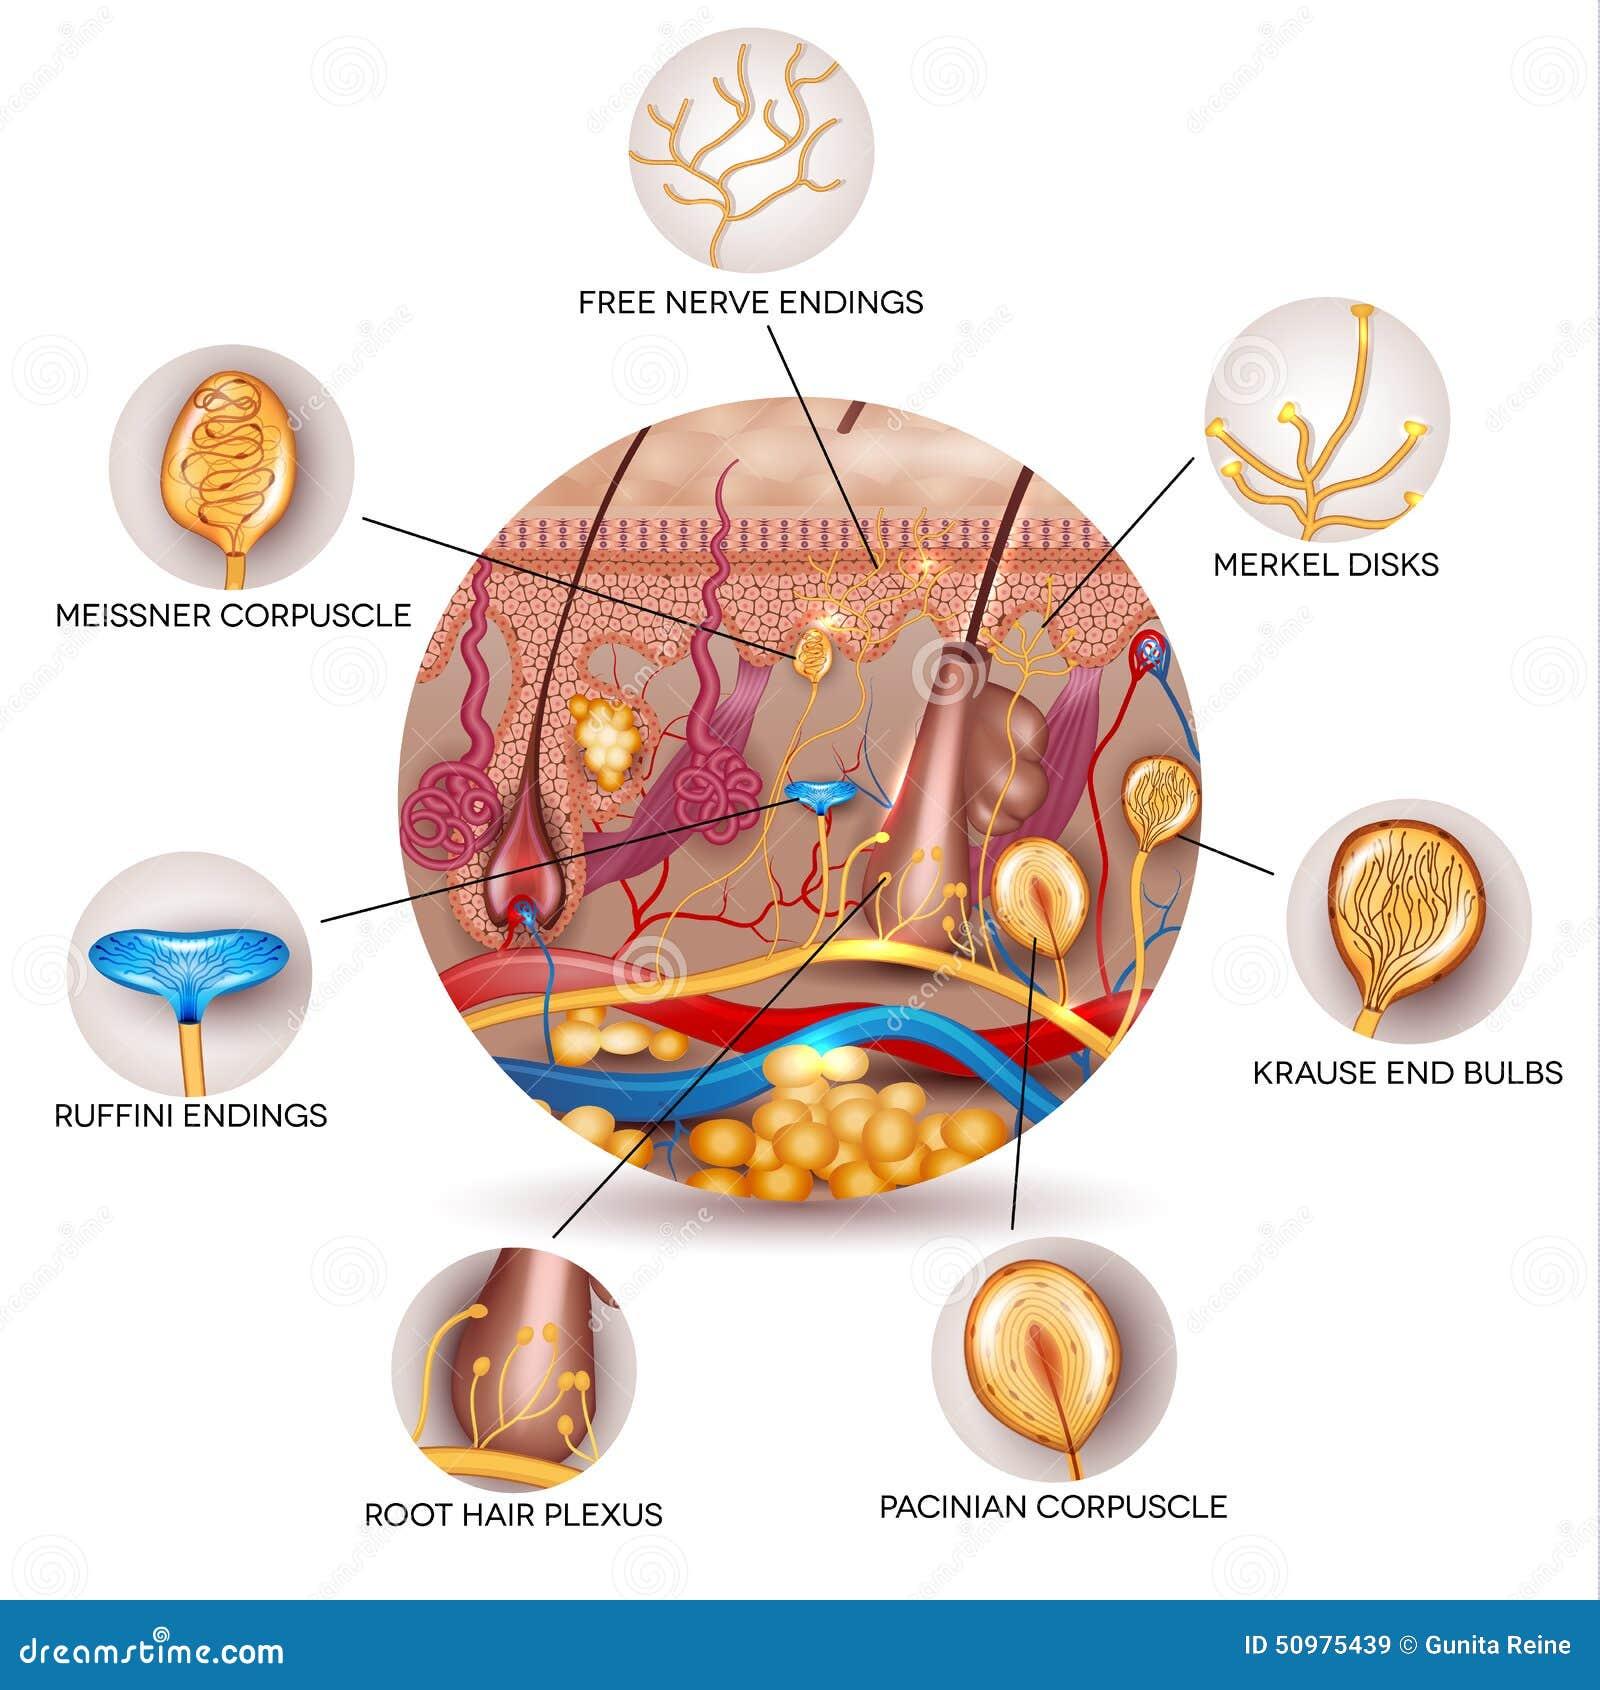 Asombroso Diagrama De La Anatomía De La Piel Patrón - Imágenes de ...